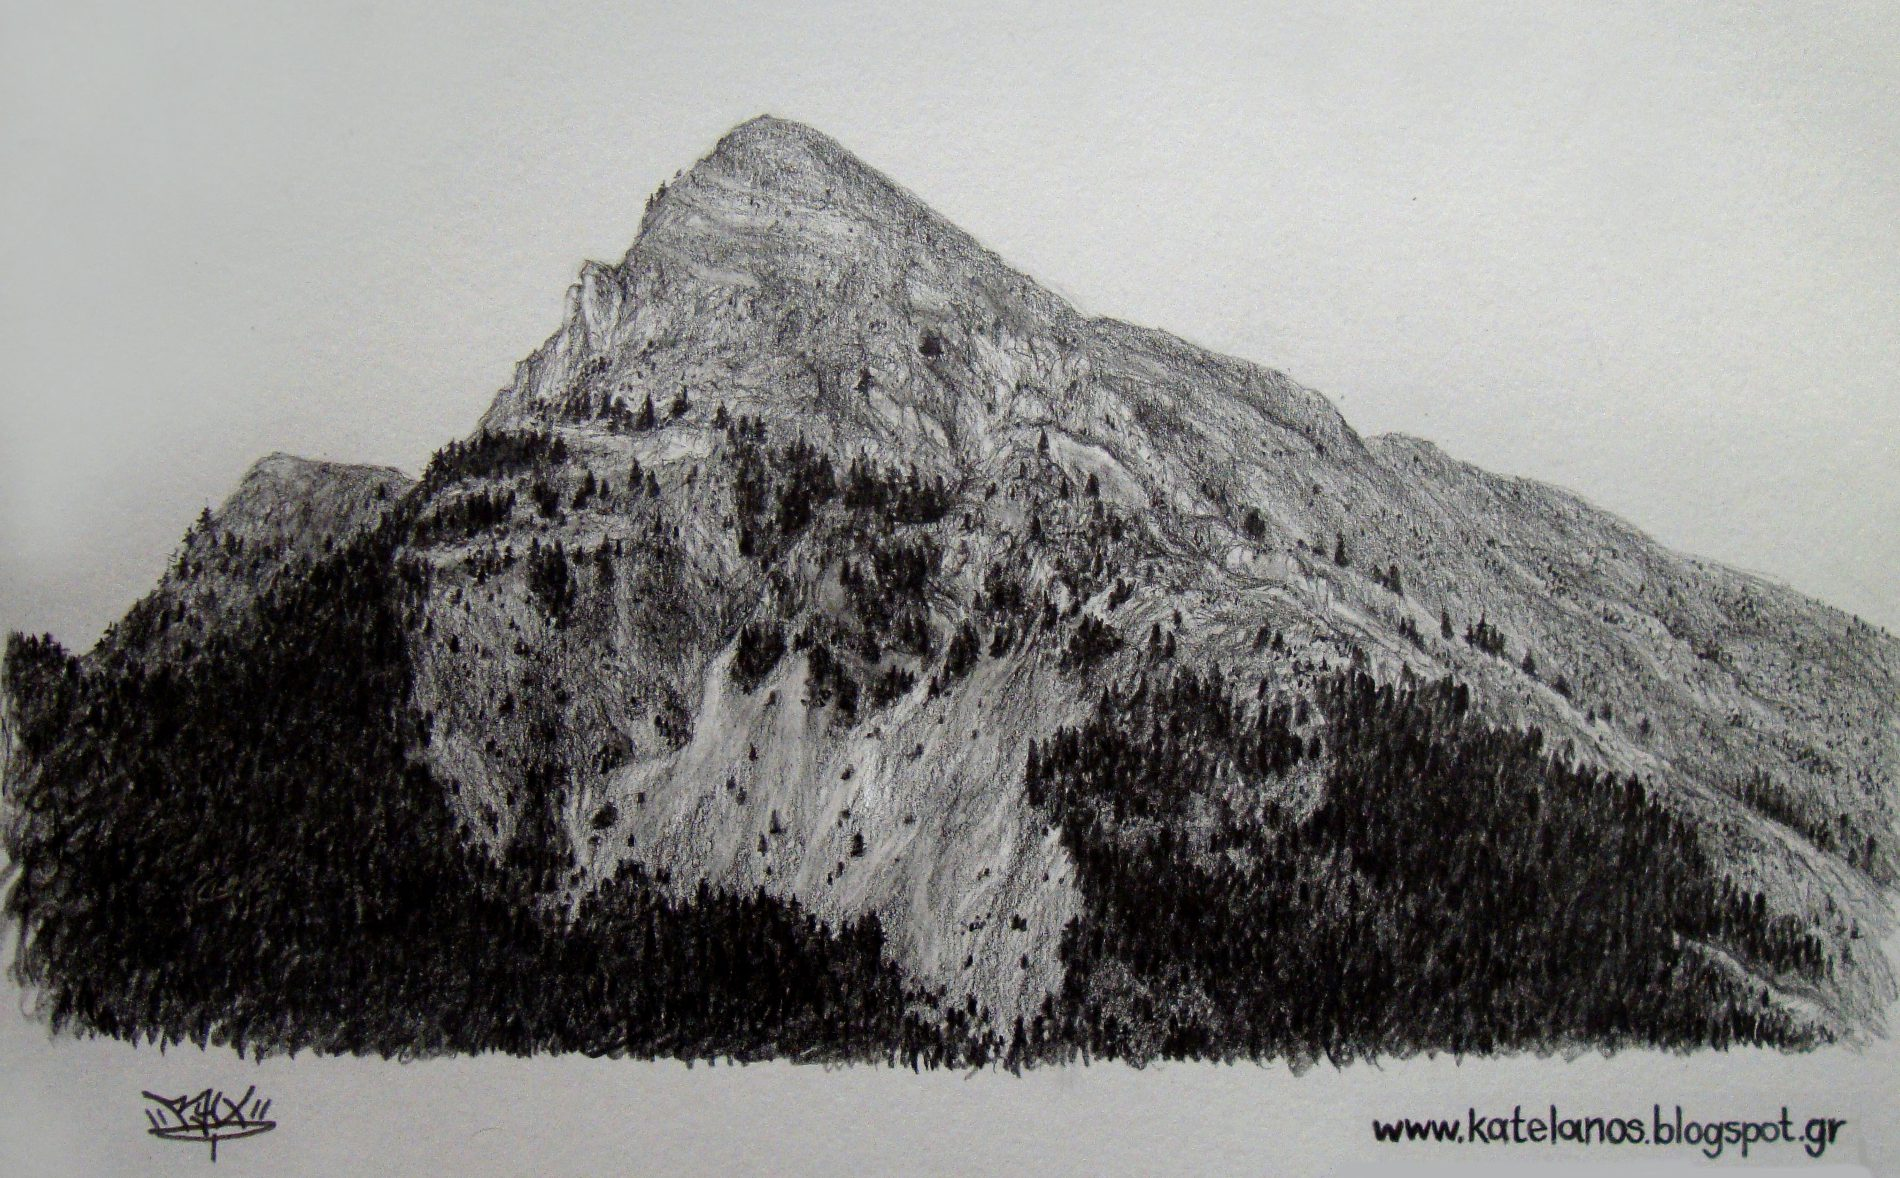 αννινος βουνο σκιτσο παναιτωλικου ορους σκιτσα βουνων